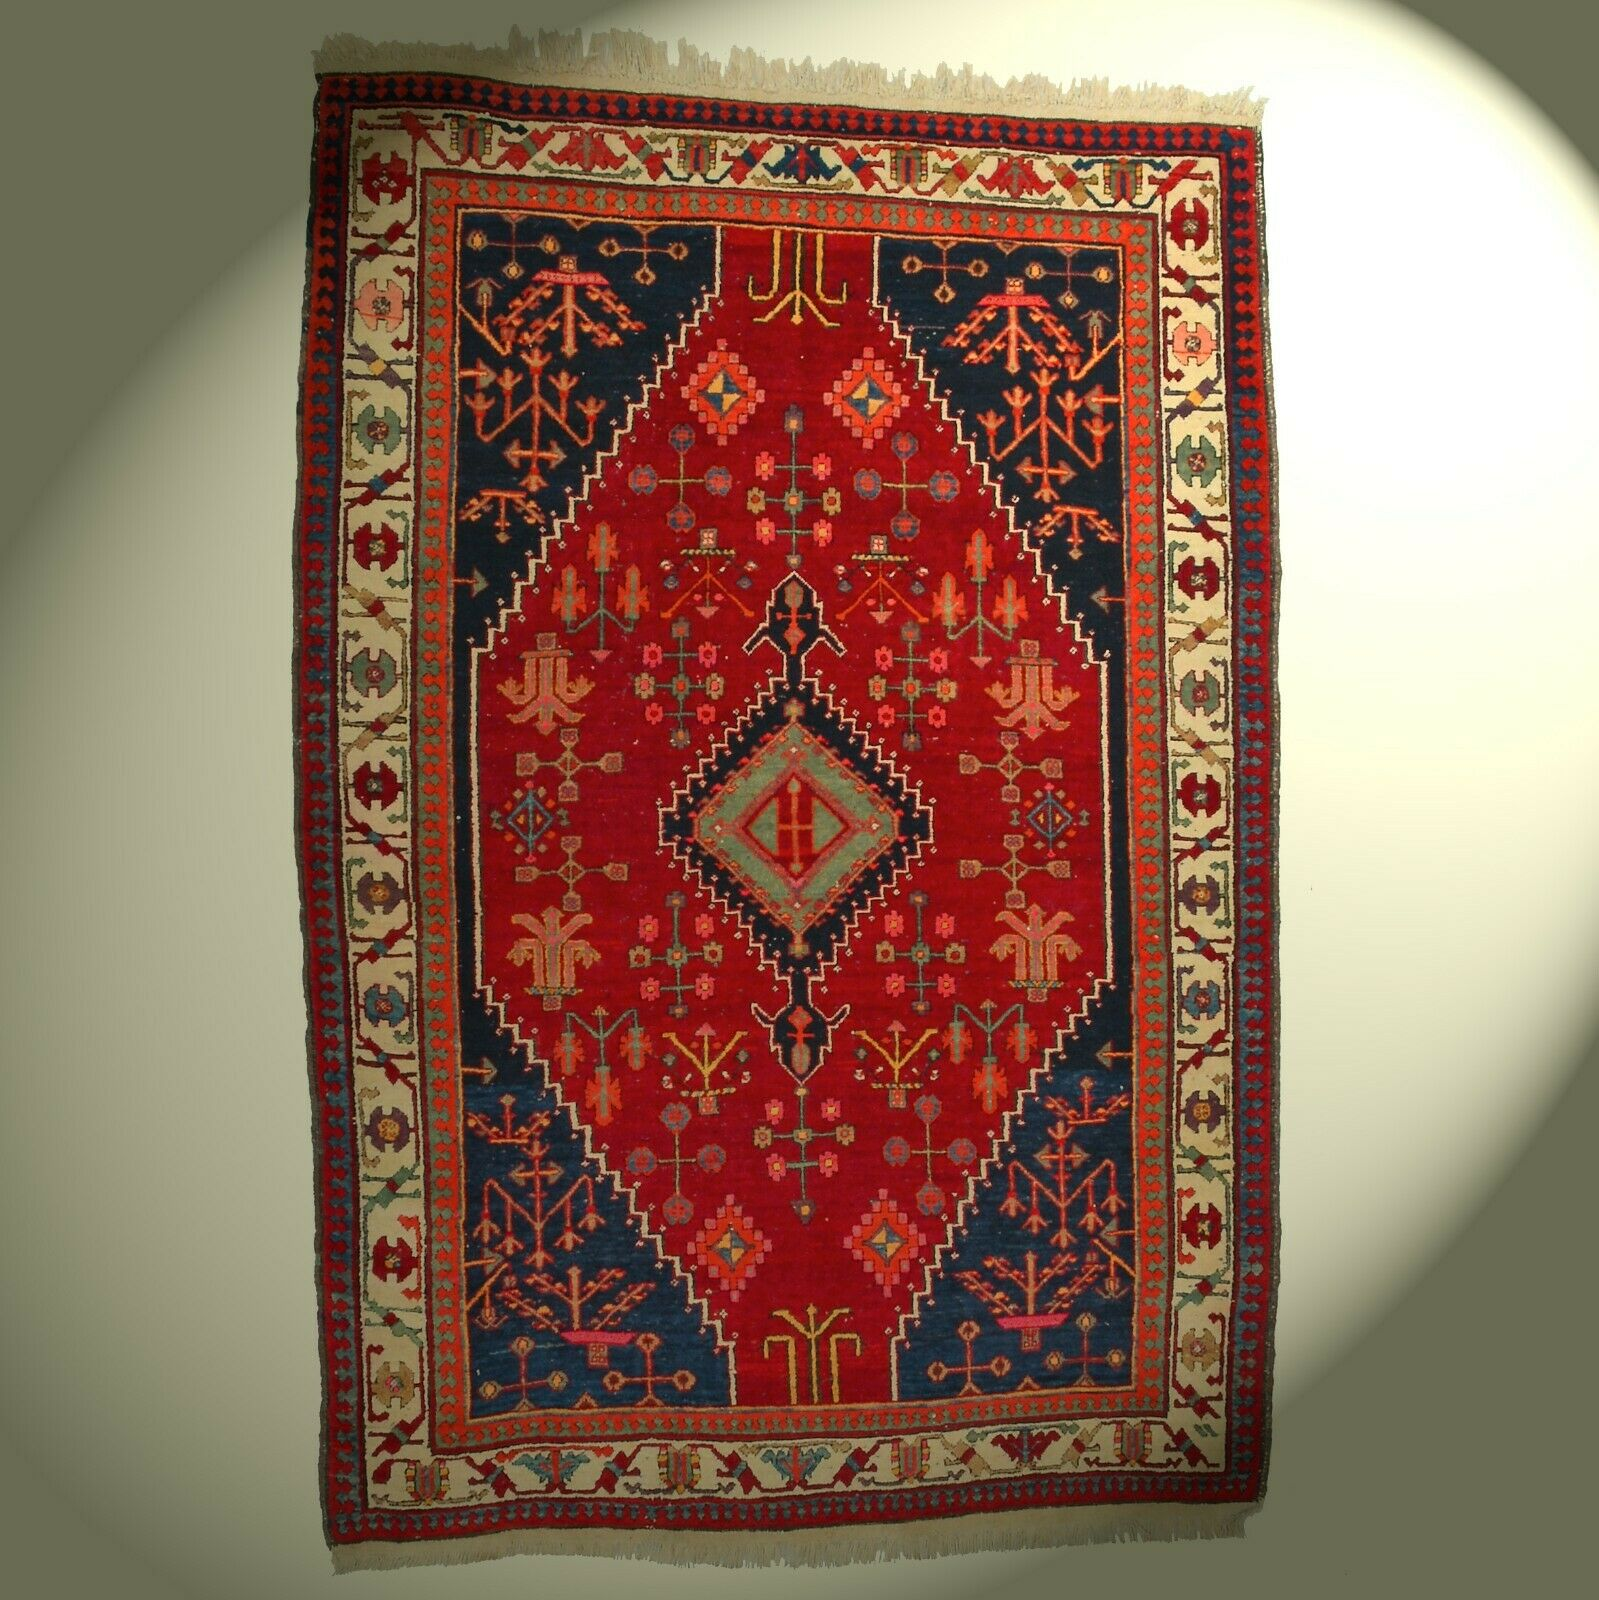 Semi Antico Vero Orient-Teppich Annodato a Mano Lana 215x145 cm rouge Rarità Wow